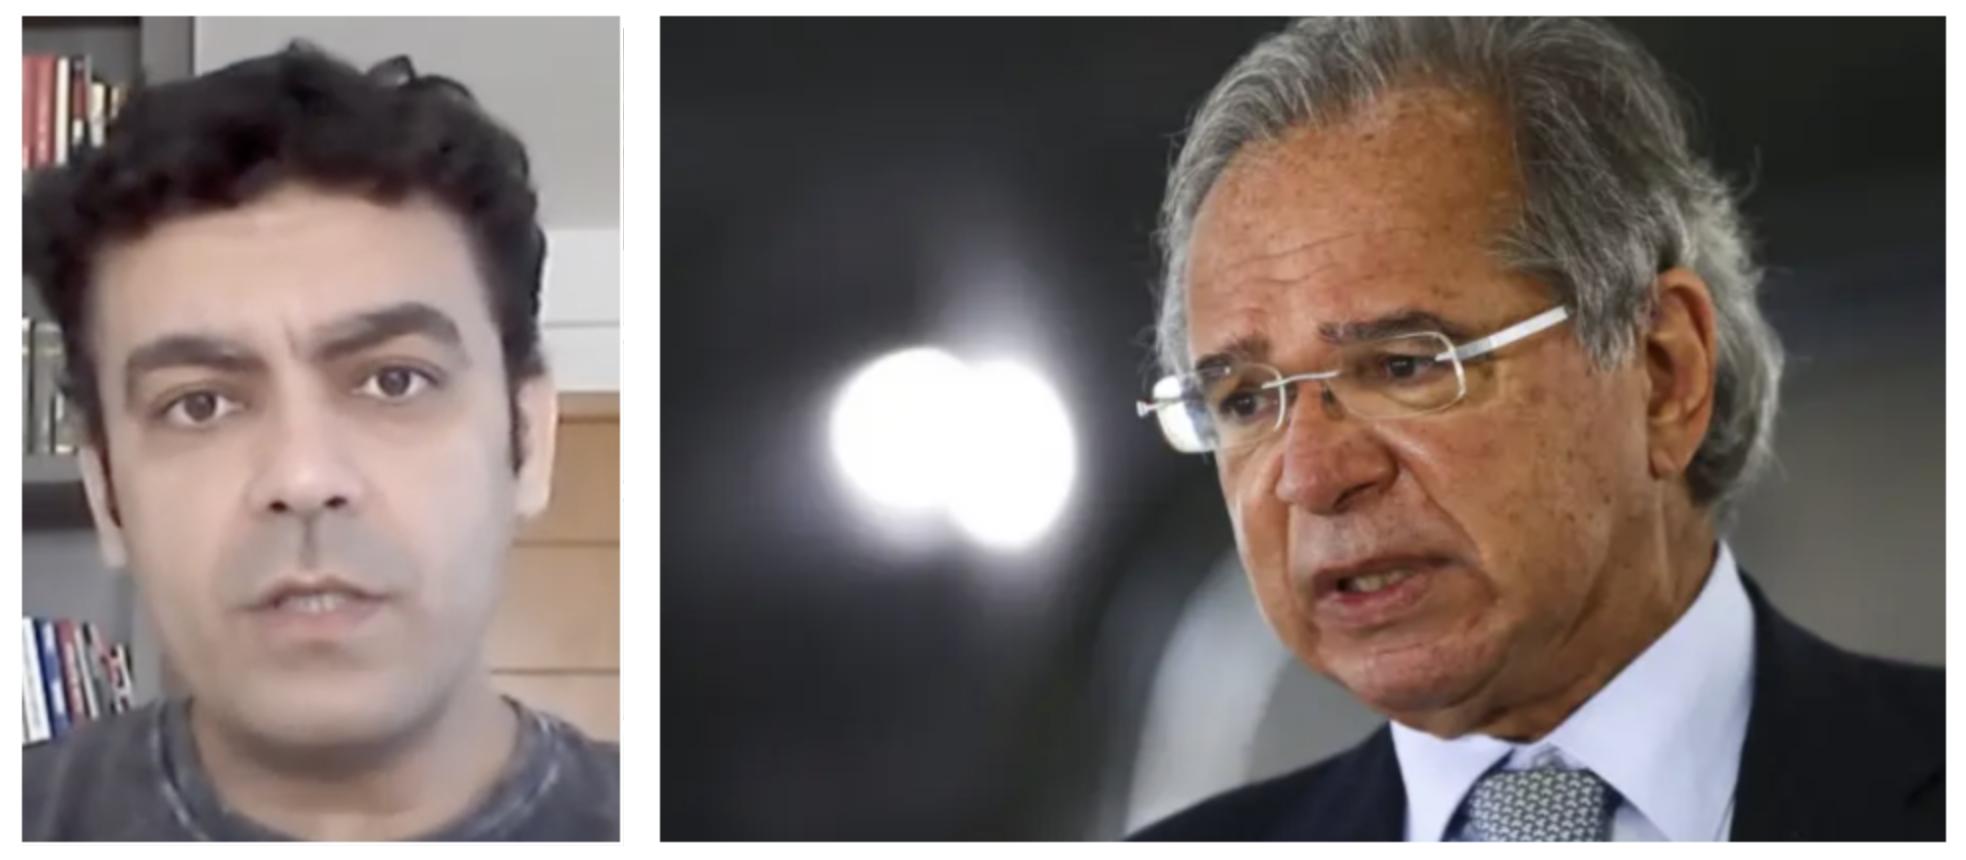 Ikaro Chaves: Maior golpe da História do Brasil está em andamento; comprador da Eletrobras terá mina de ouro em caso de apagão elétrico